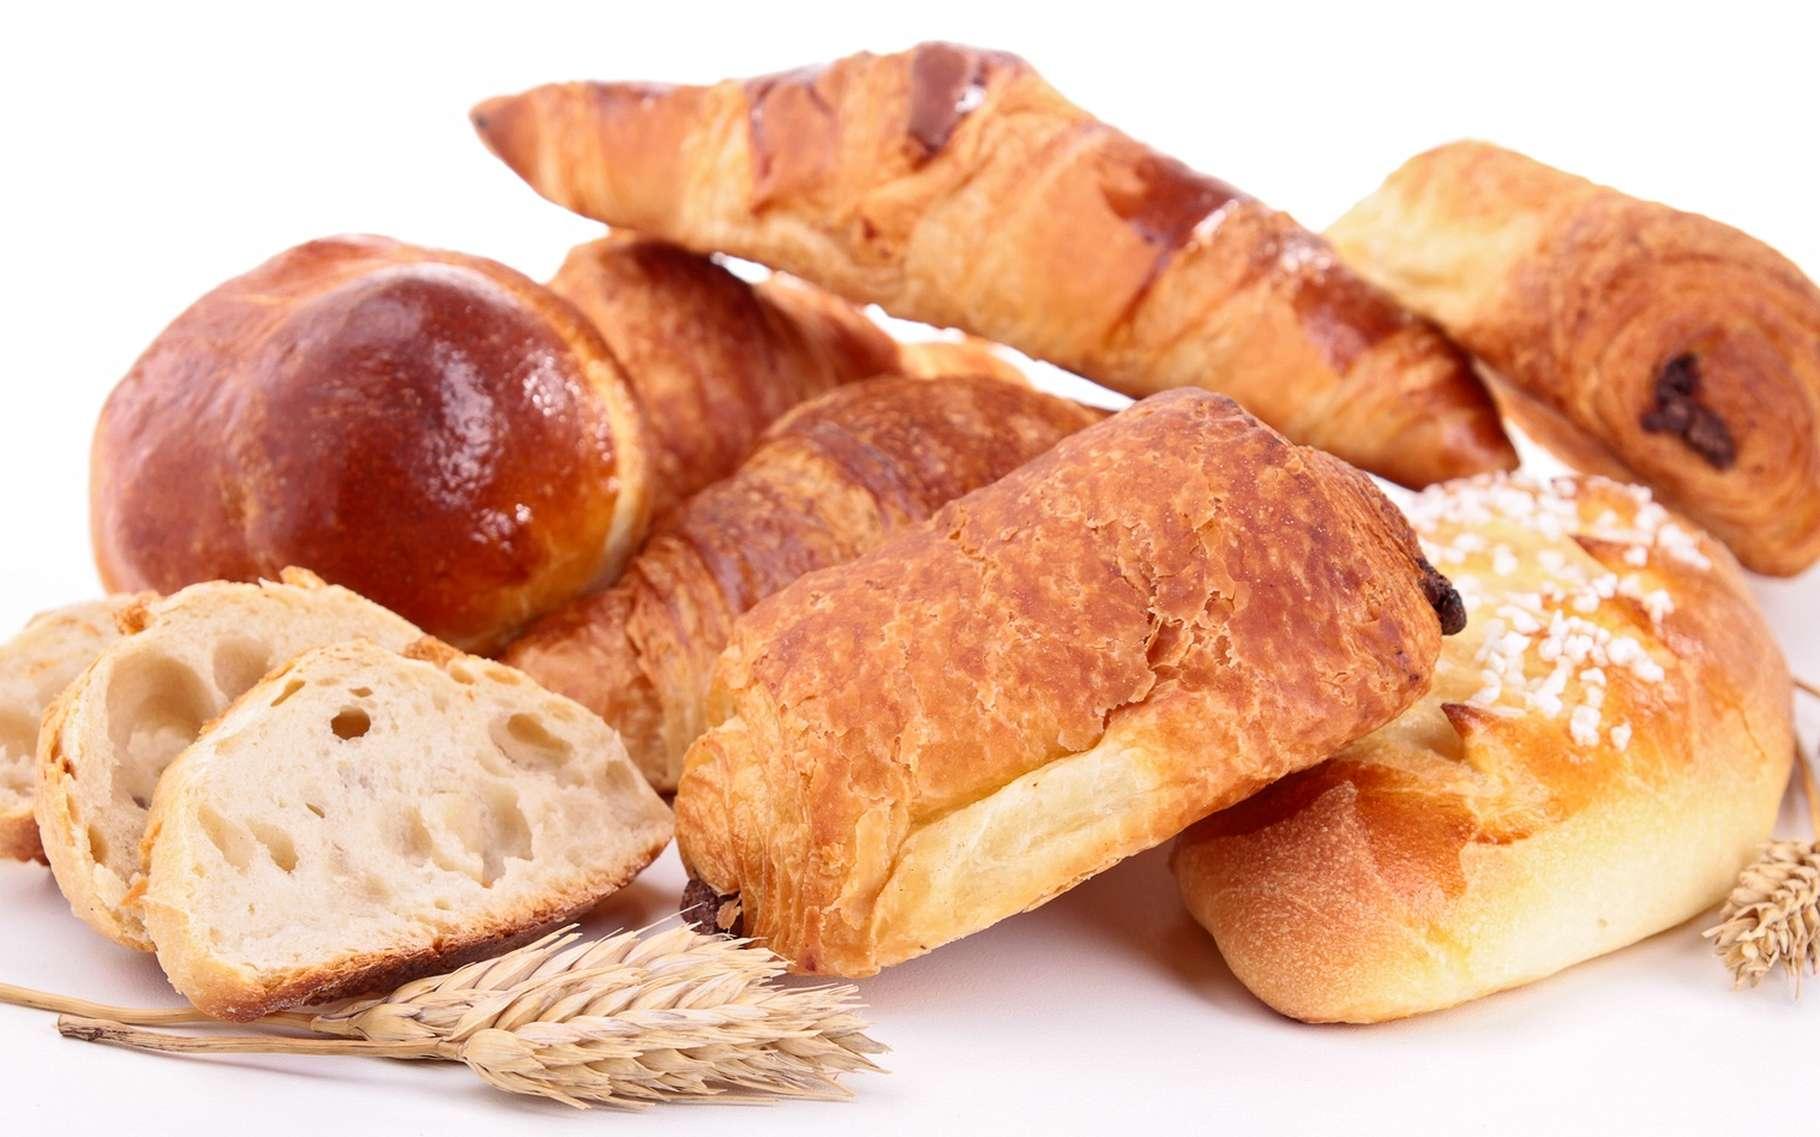 Du pain français au riz asiatique, tous ont un goût « amidonné » universel. © margouillat photo, Shutterstock